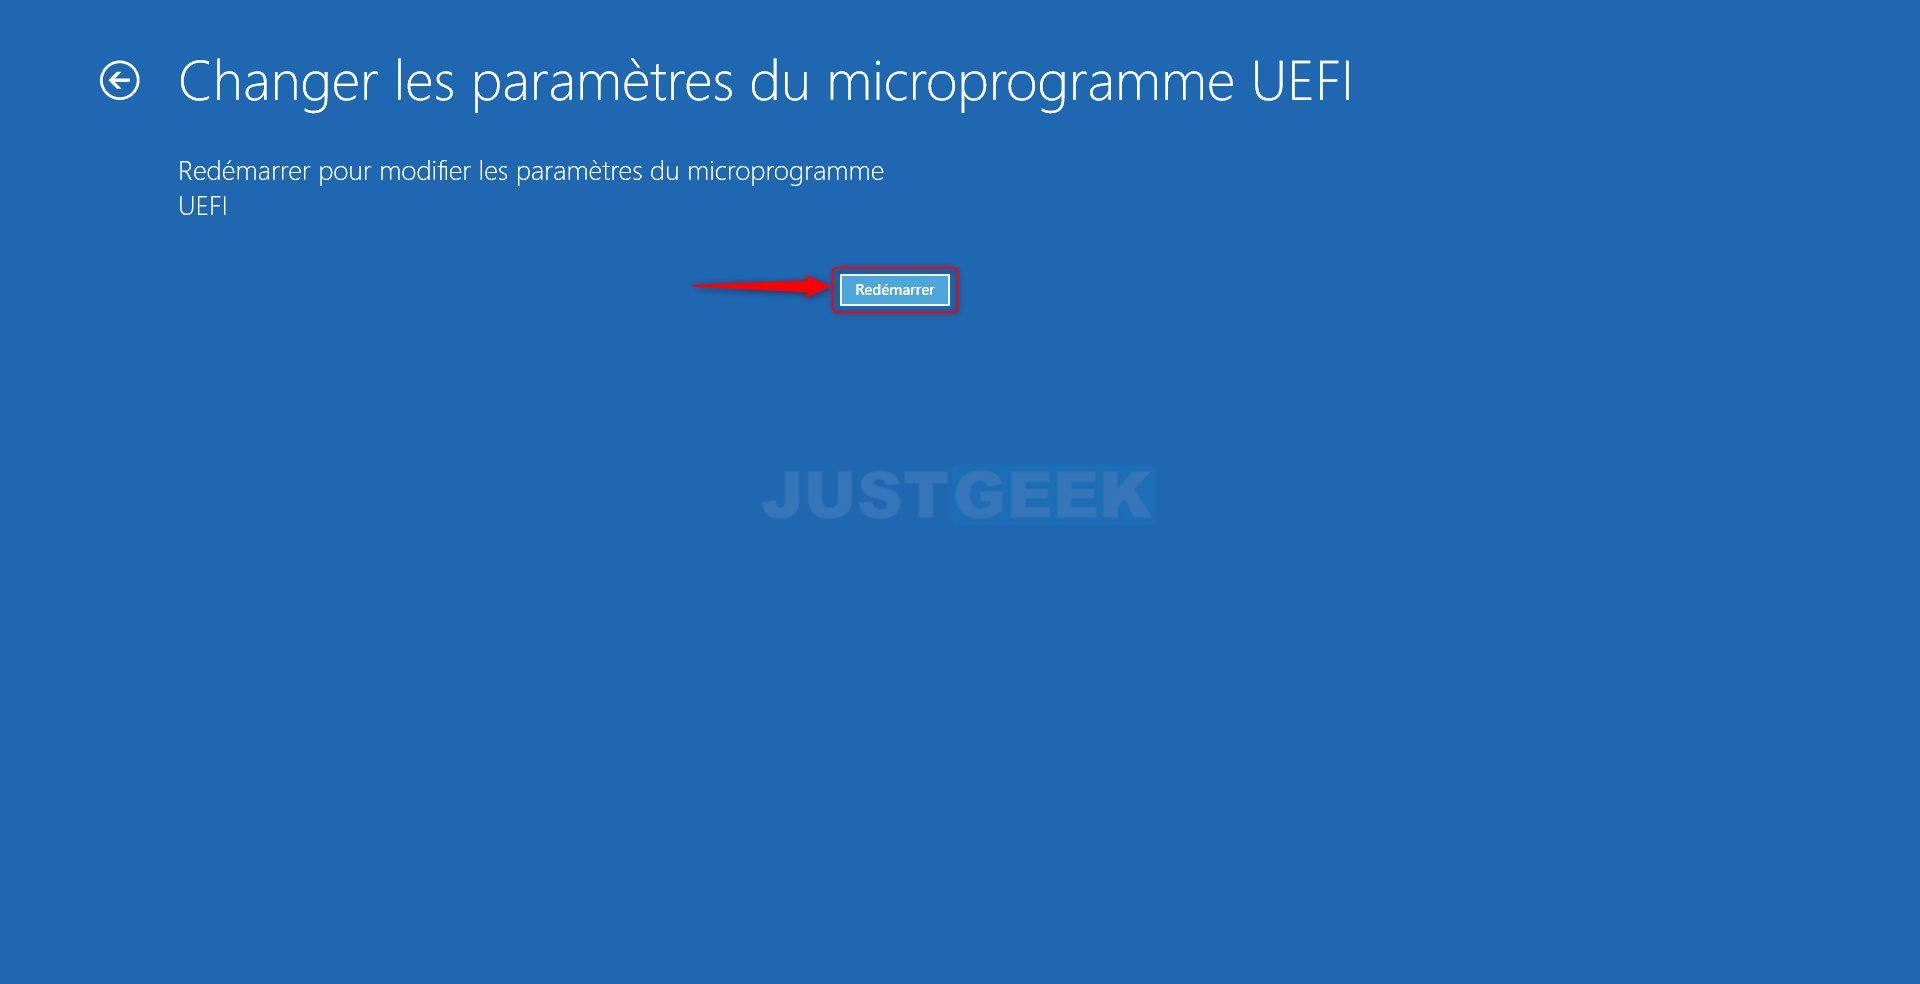 Étape 6 : Accéder à l'UEFI depuis Windows 10